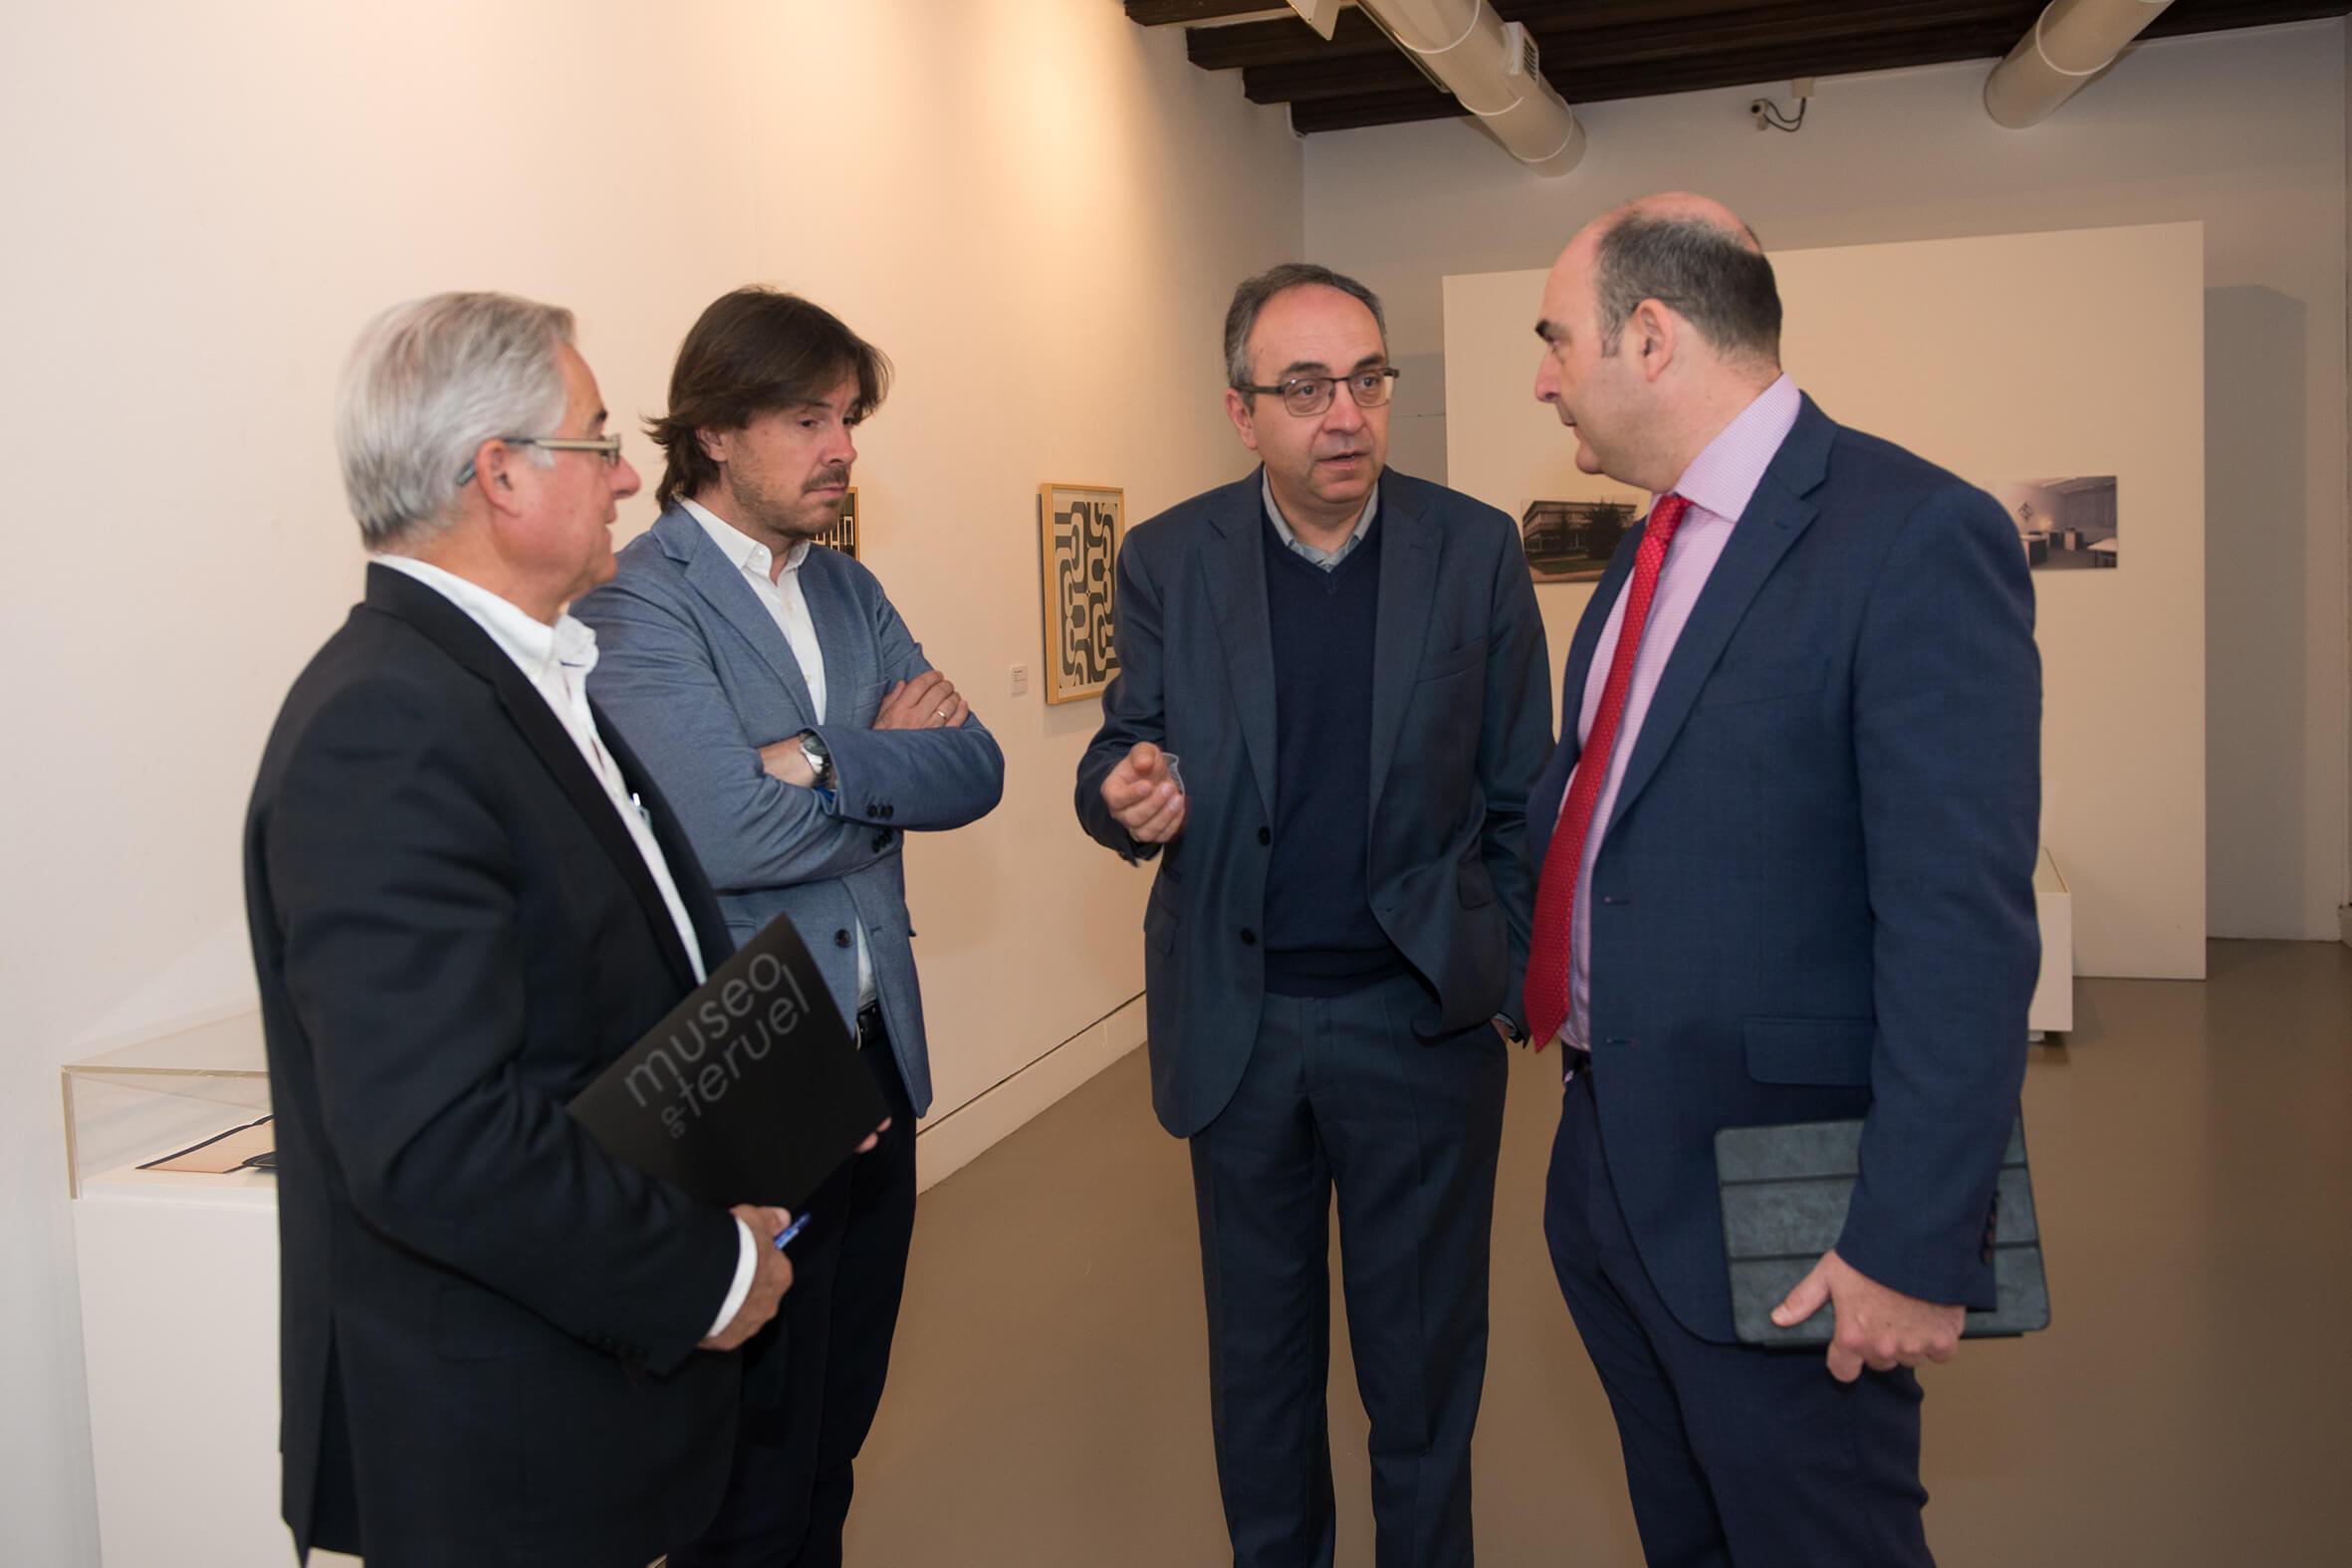 conciencia-perceptiva-arte-concreto-espanol-coleccion-escolano-museo-teruel